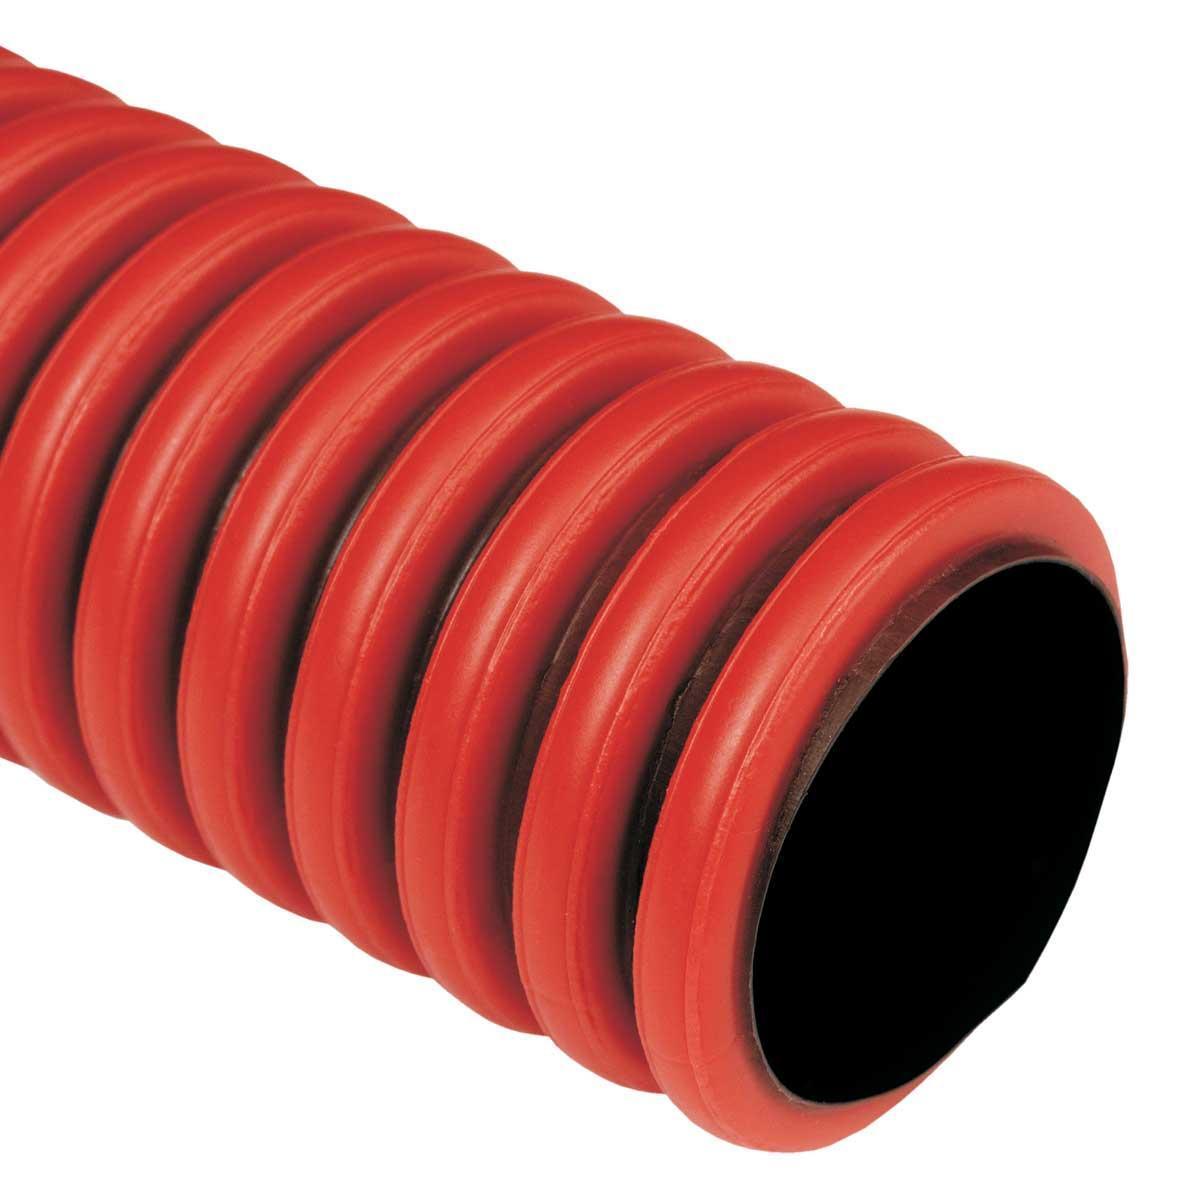 Труба гофрована гнучка двошарова Копофлекс, чорна, протяжка,; Ø50мм; поліетилен HDPE; Бухта 50 м